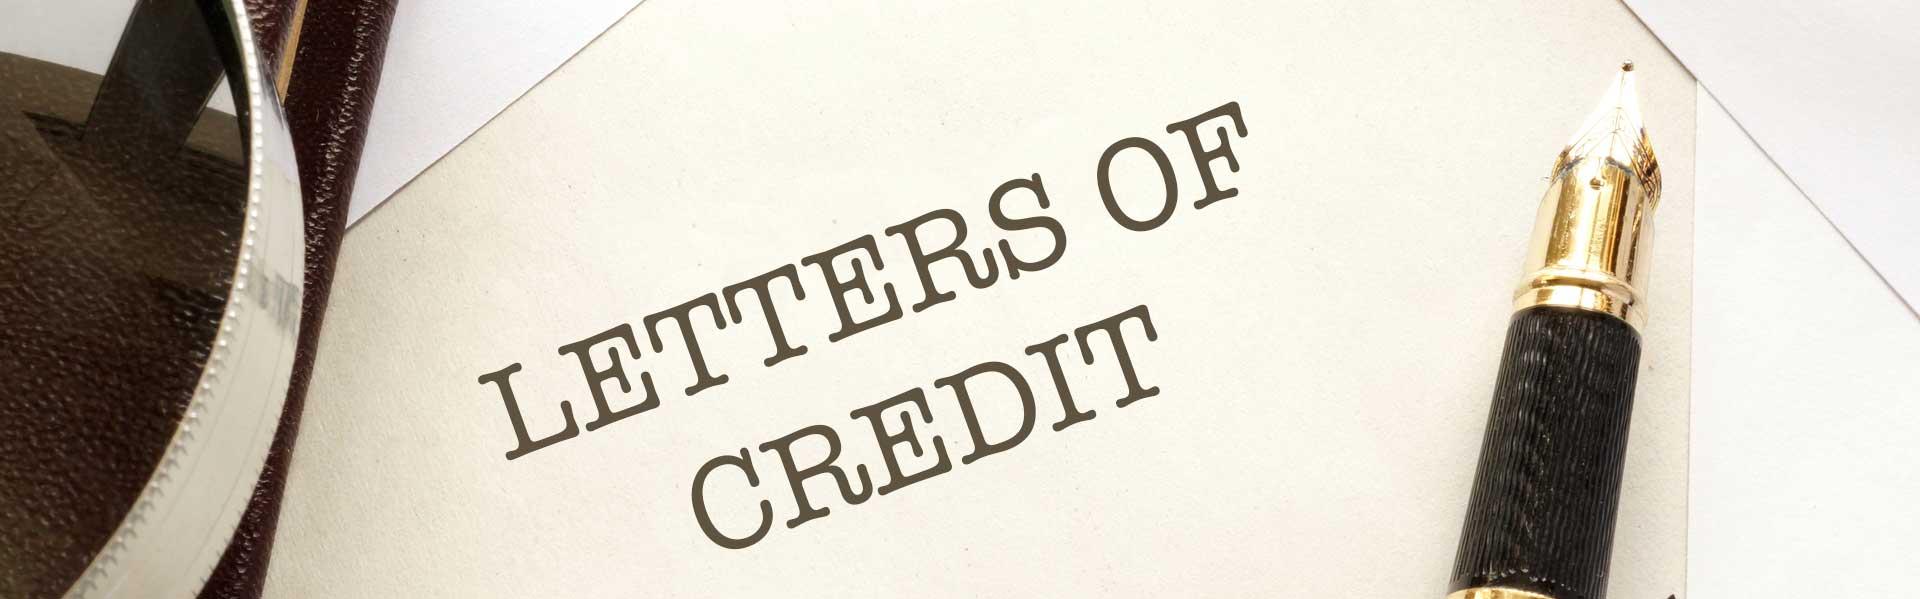 Cartas de crédito del IBC Bank